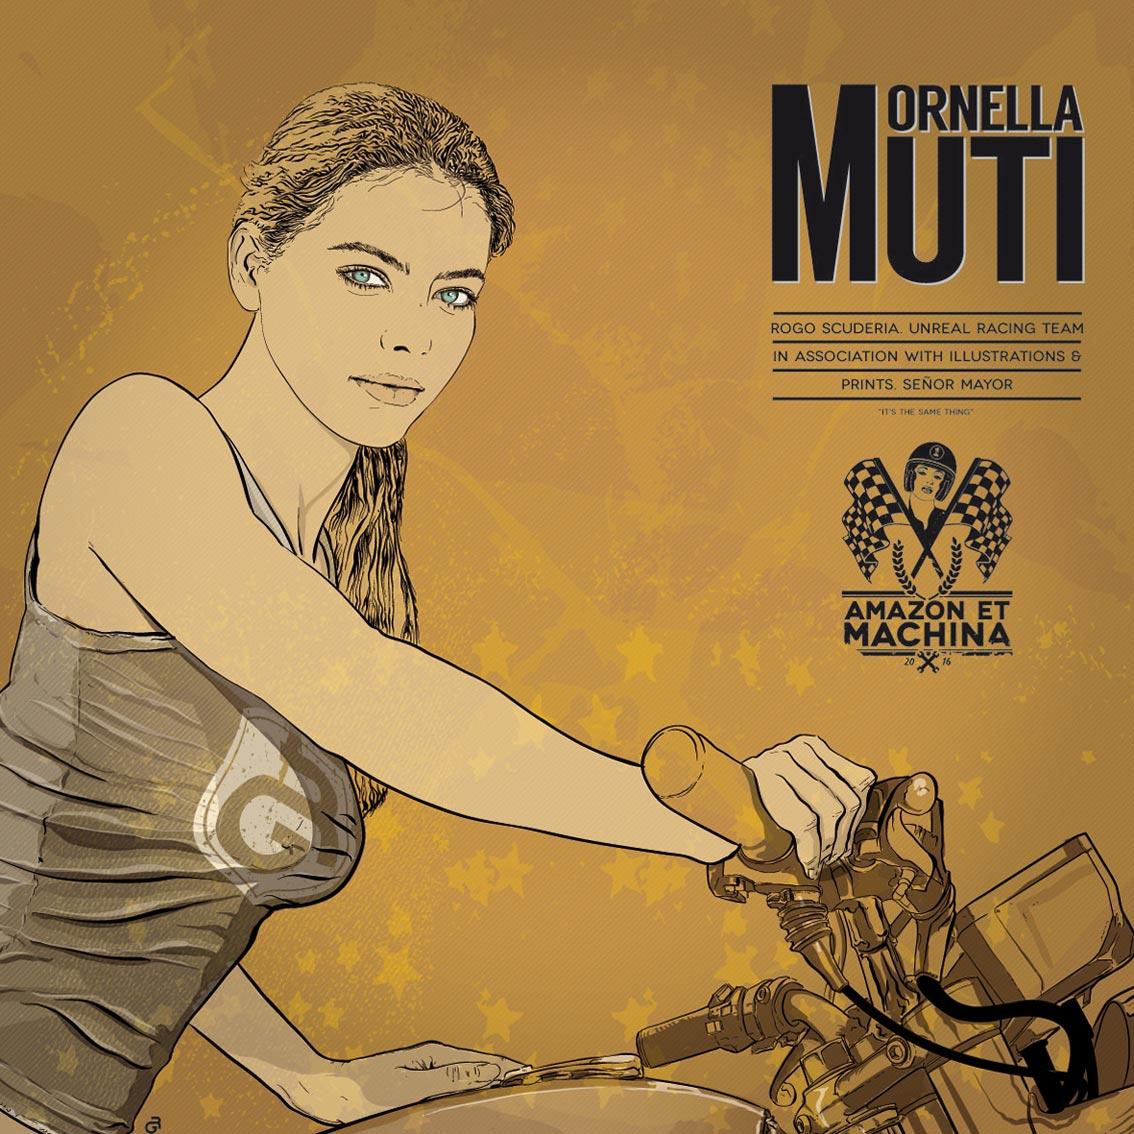 02_ornella-muti-retrato